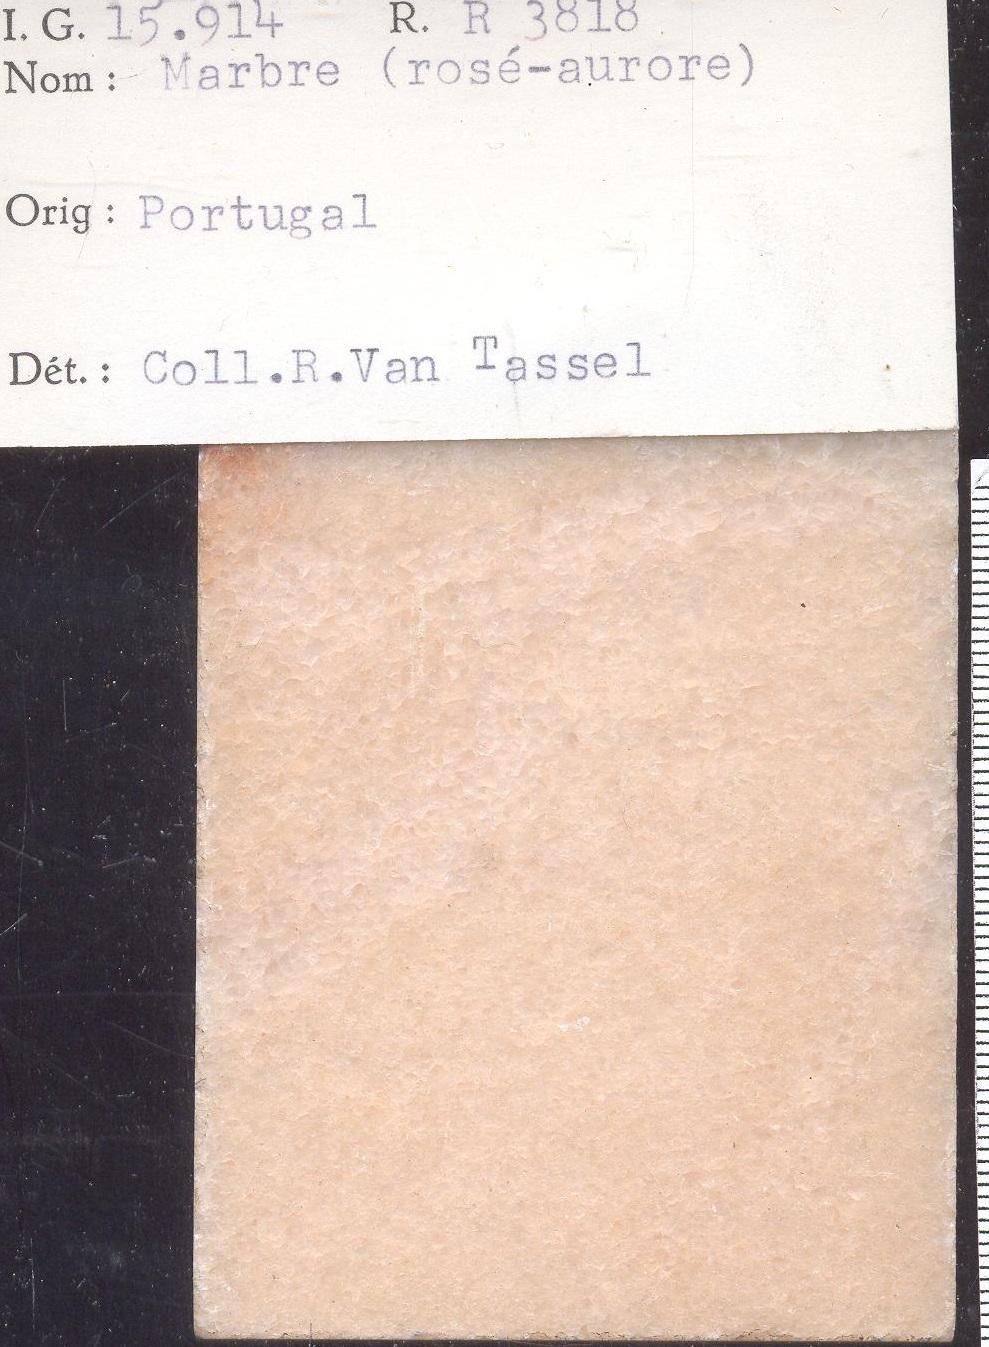 Rosé-aurore RR3818